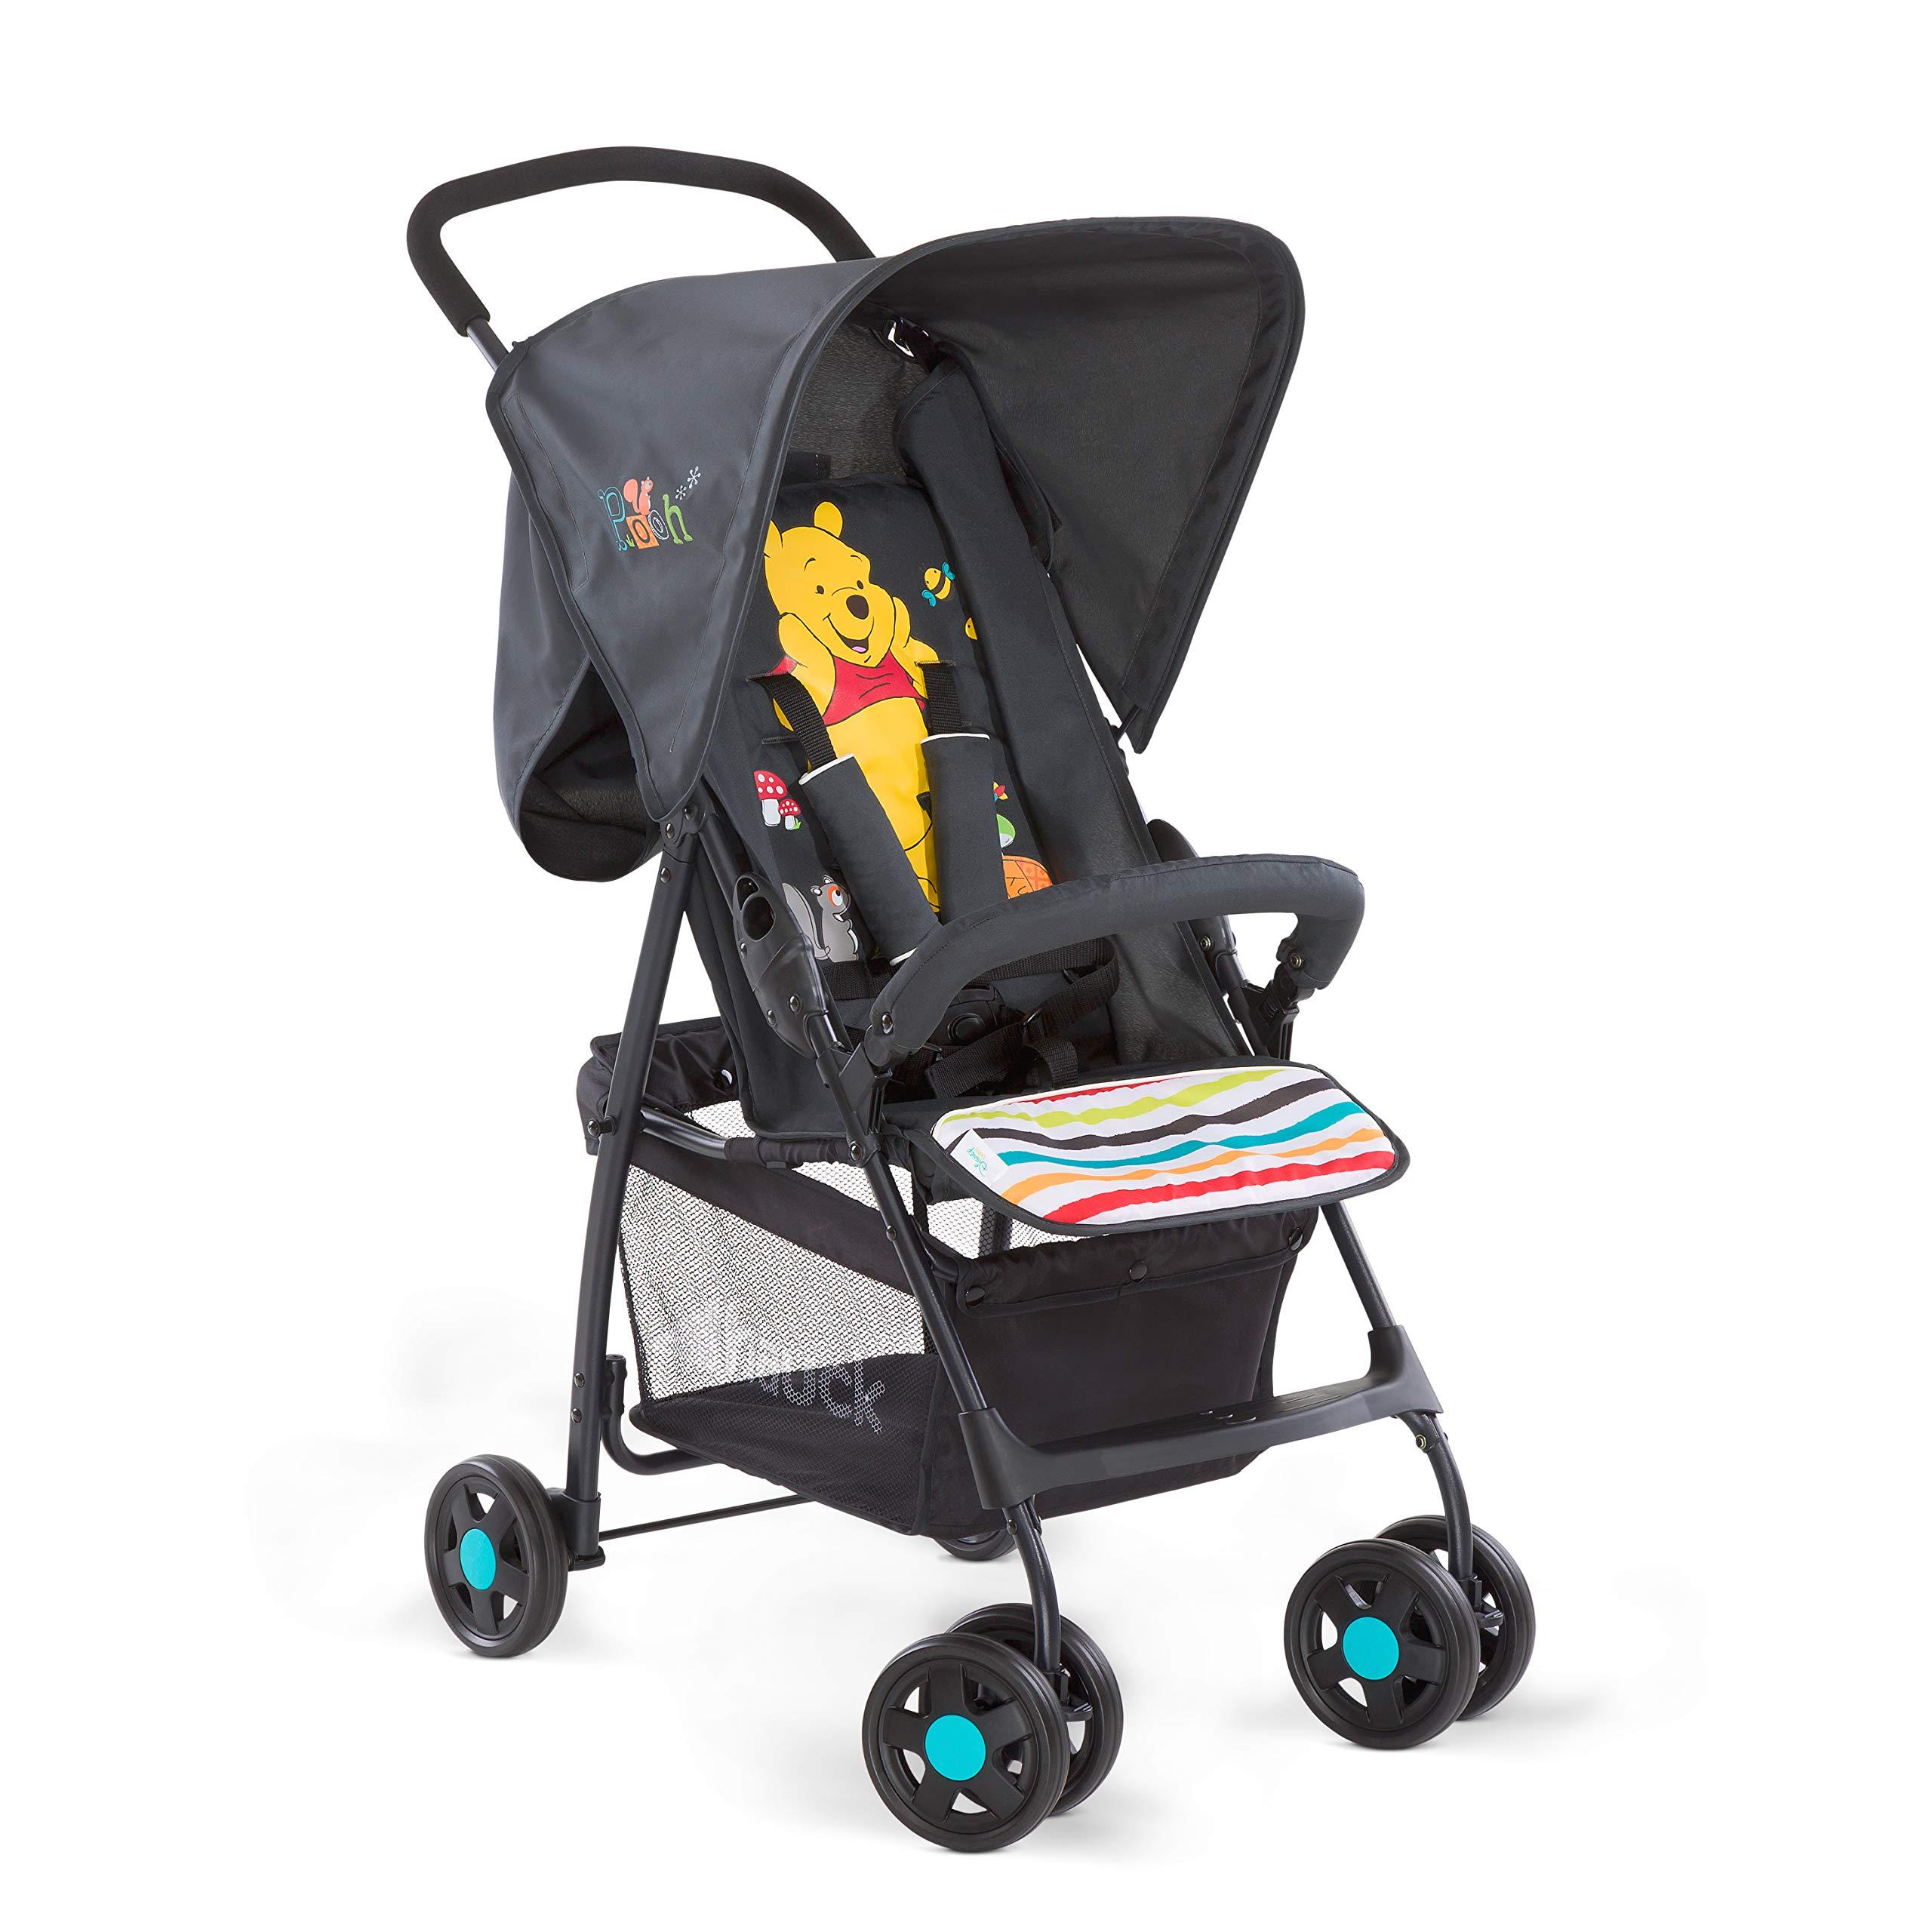 Hauck Sport - silla de paseo ultra ligera de 5,9kg, sistema de arnés